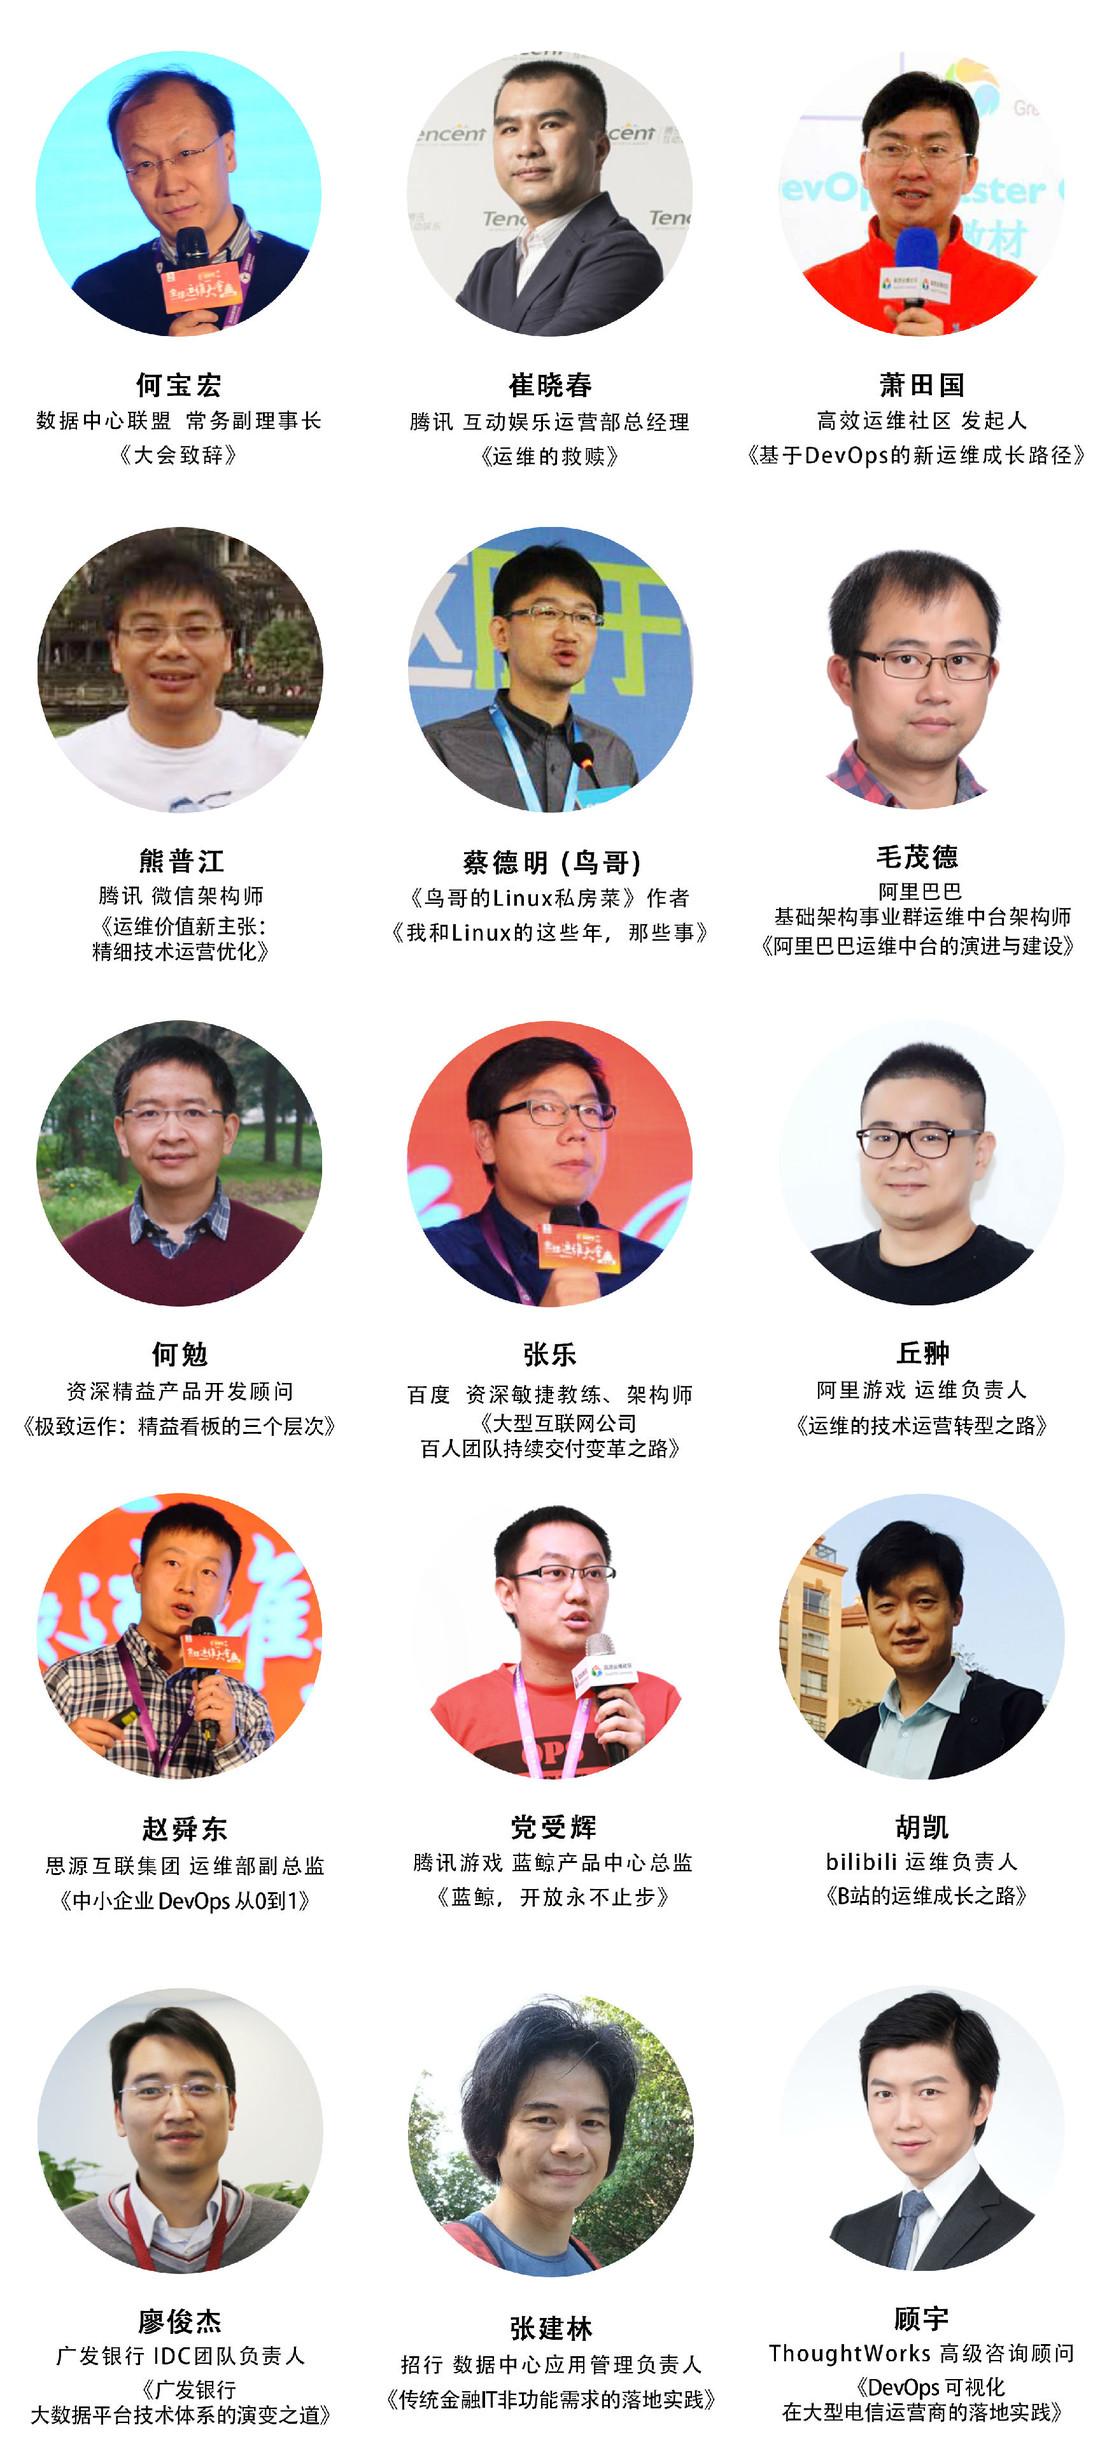 GOPS2017全球运维大会 • 深圳站